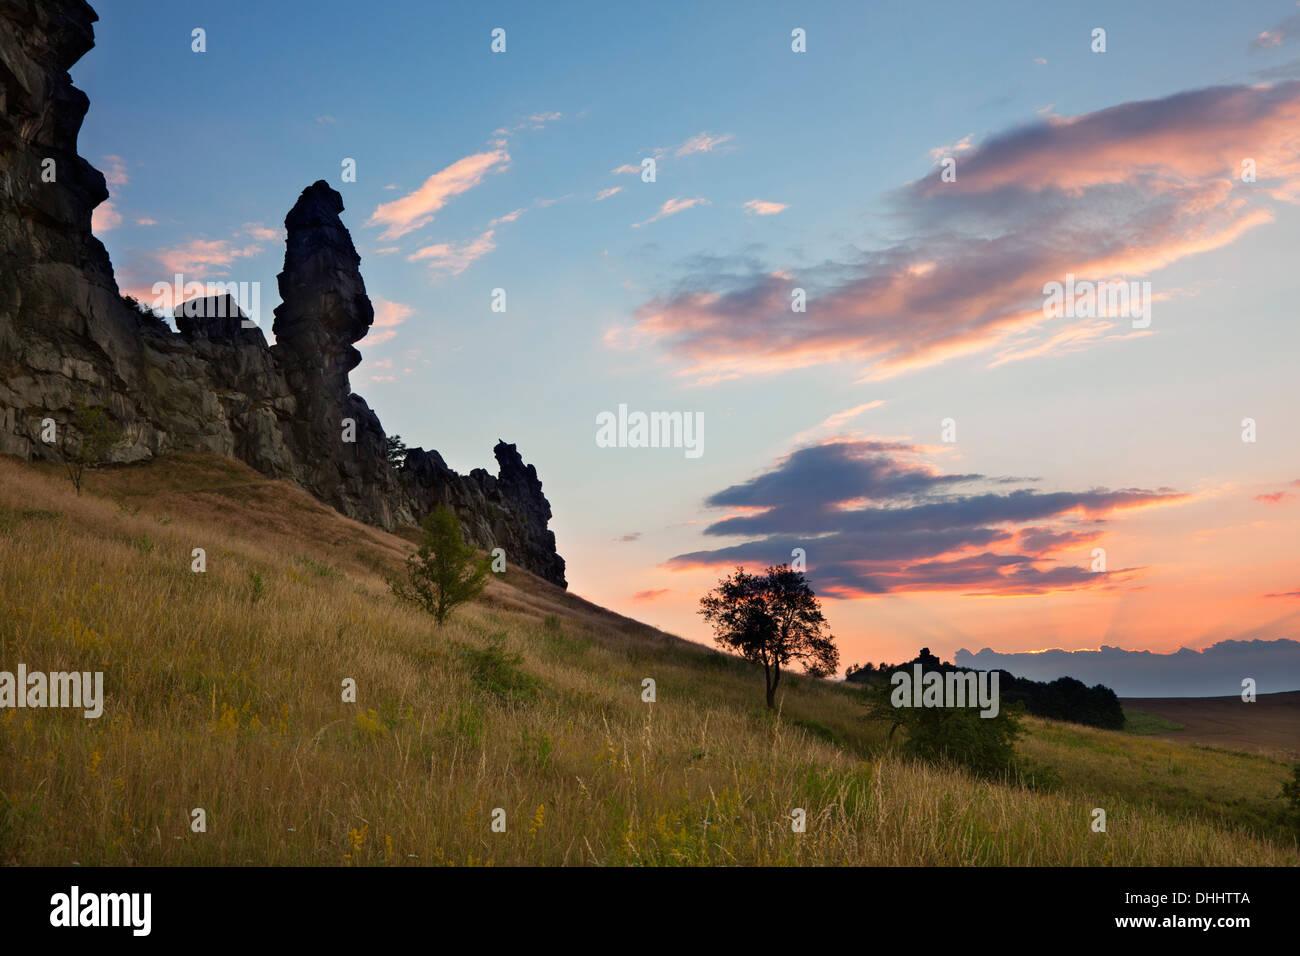 Teufelsmauer at dusk, Harz mountains, Saxony-Anhalt, Germany, Europe - Stock Image